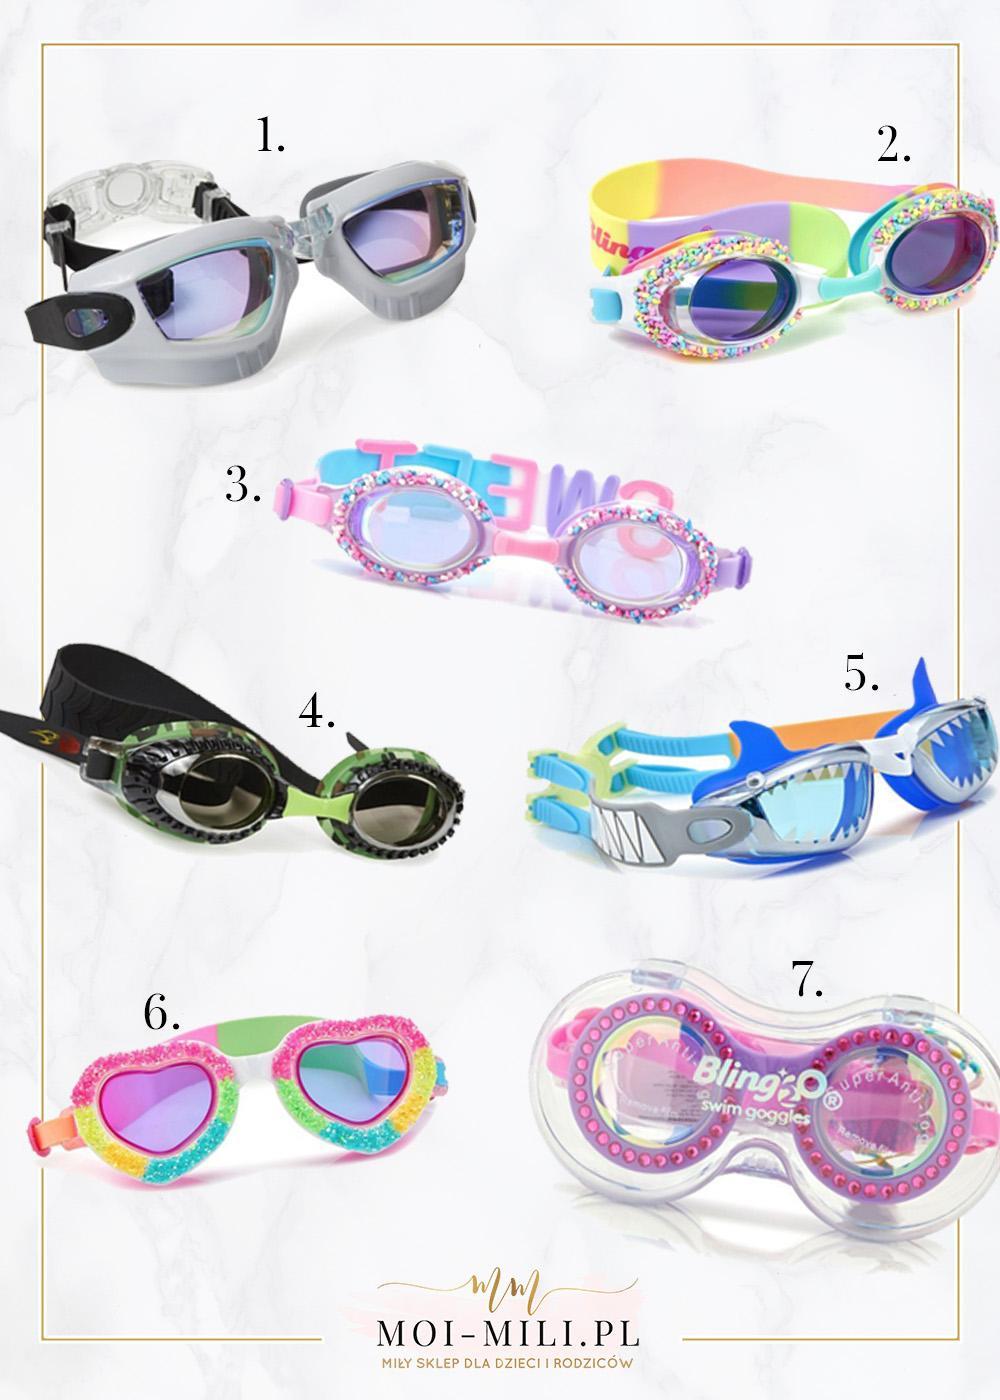 Okularki, które wyglądają jak zabawki do wody - czad!